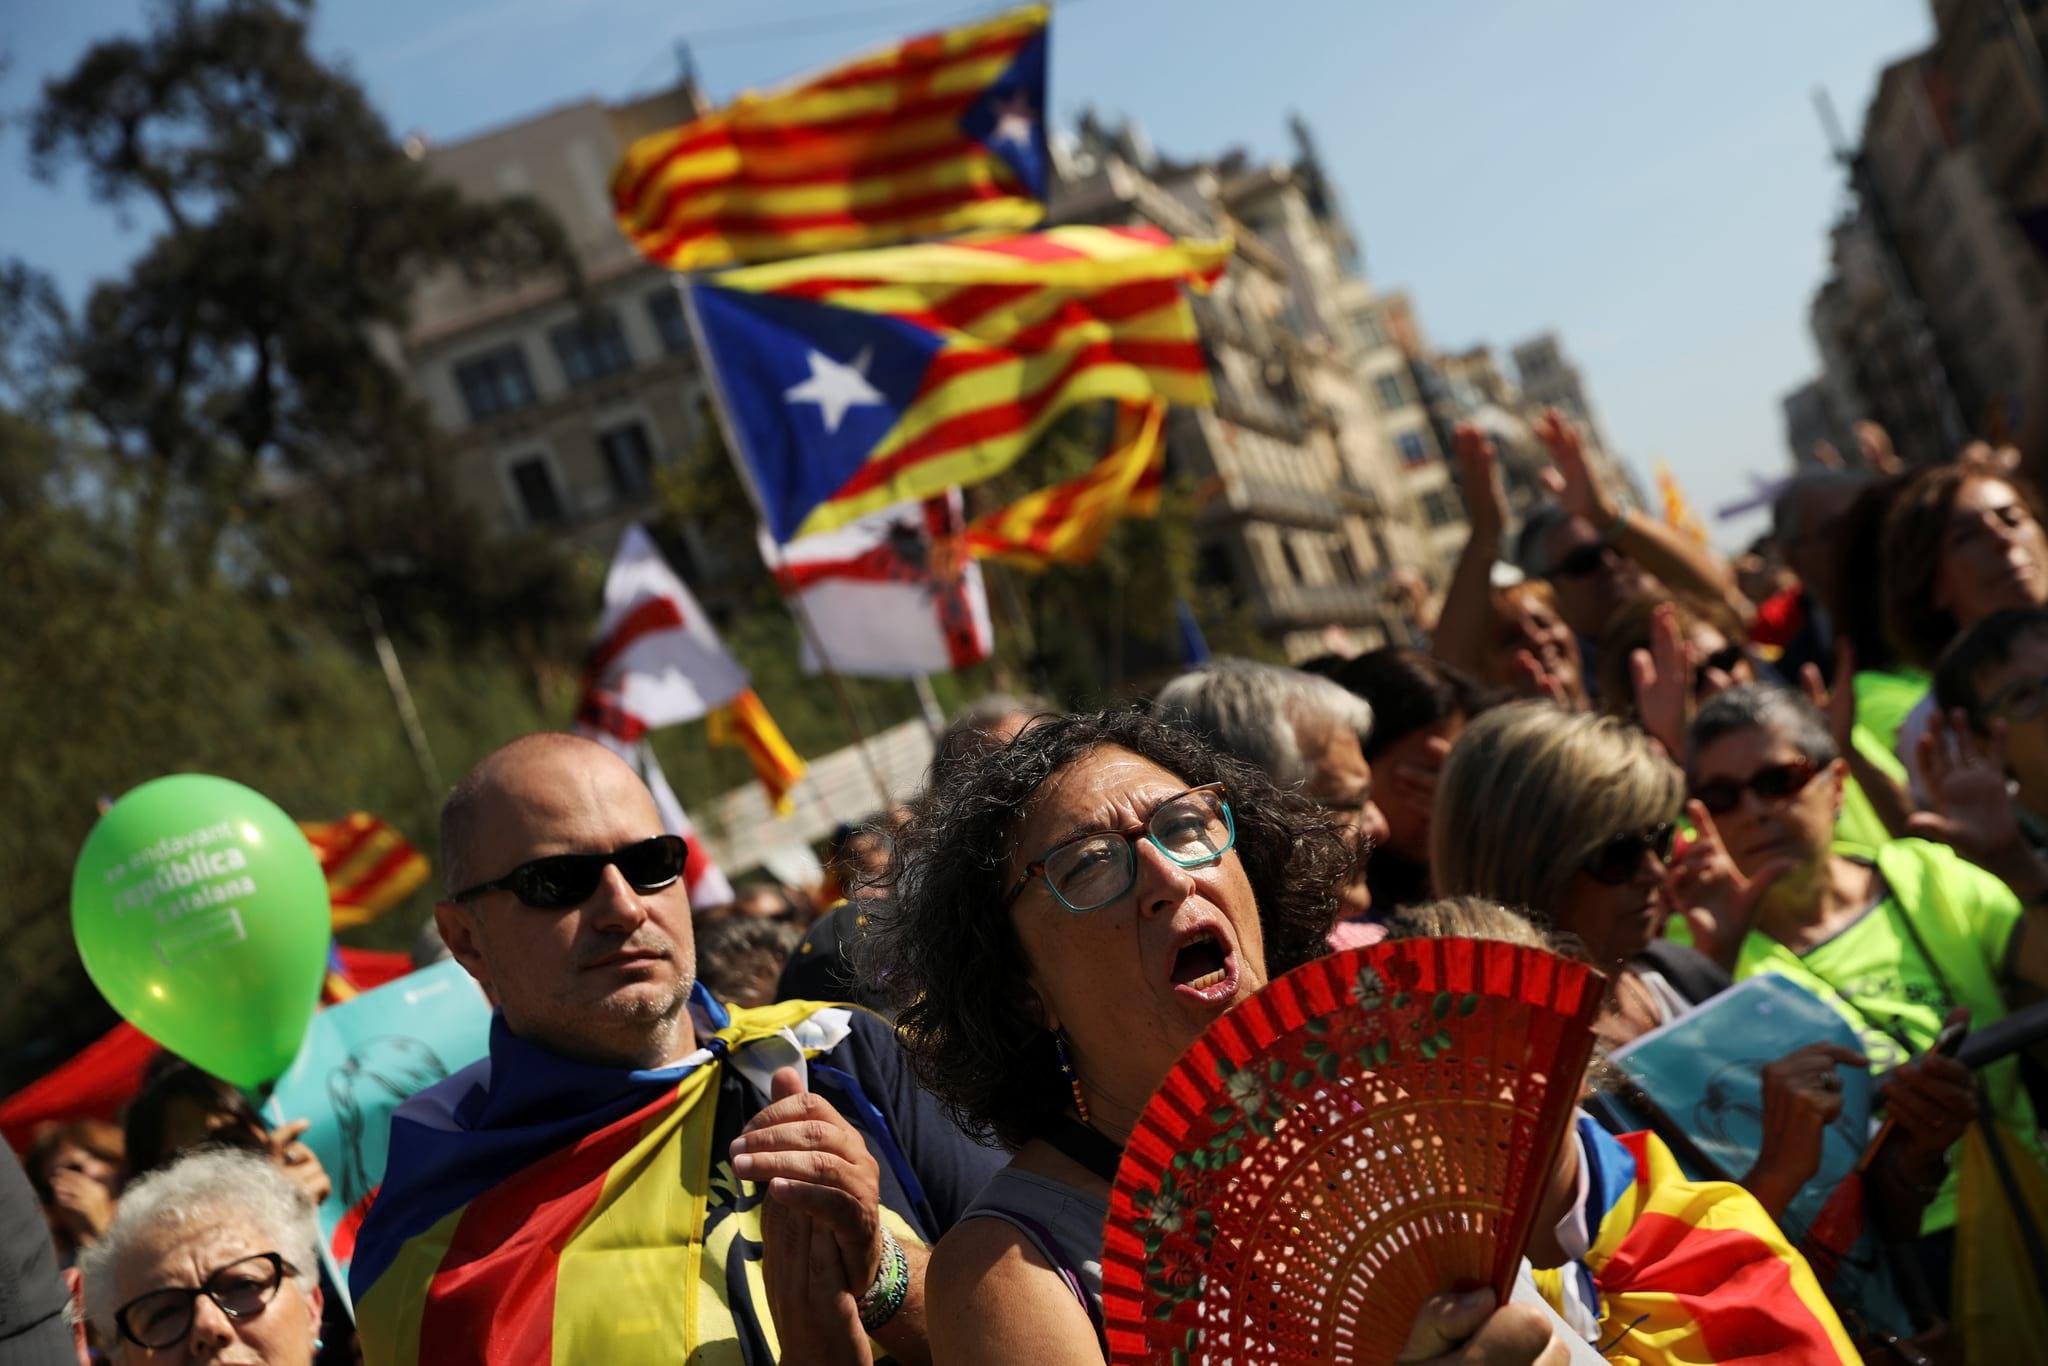 PÚBLICO - Líder do PSOE desafiado a retirar apoio a Rajoy na gestão da crise catalã